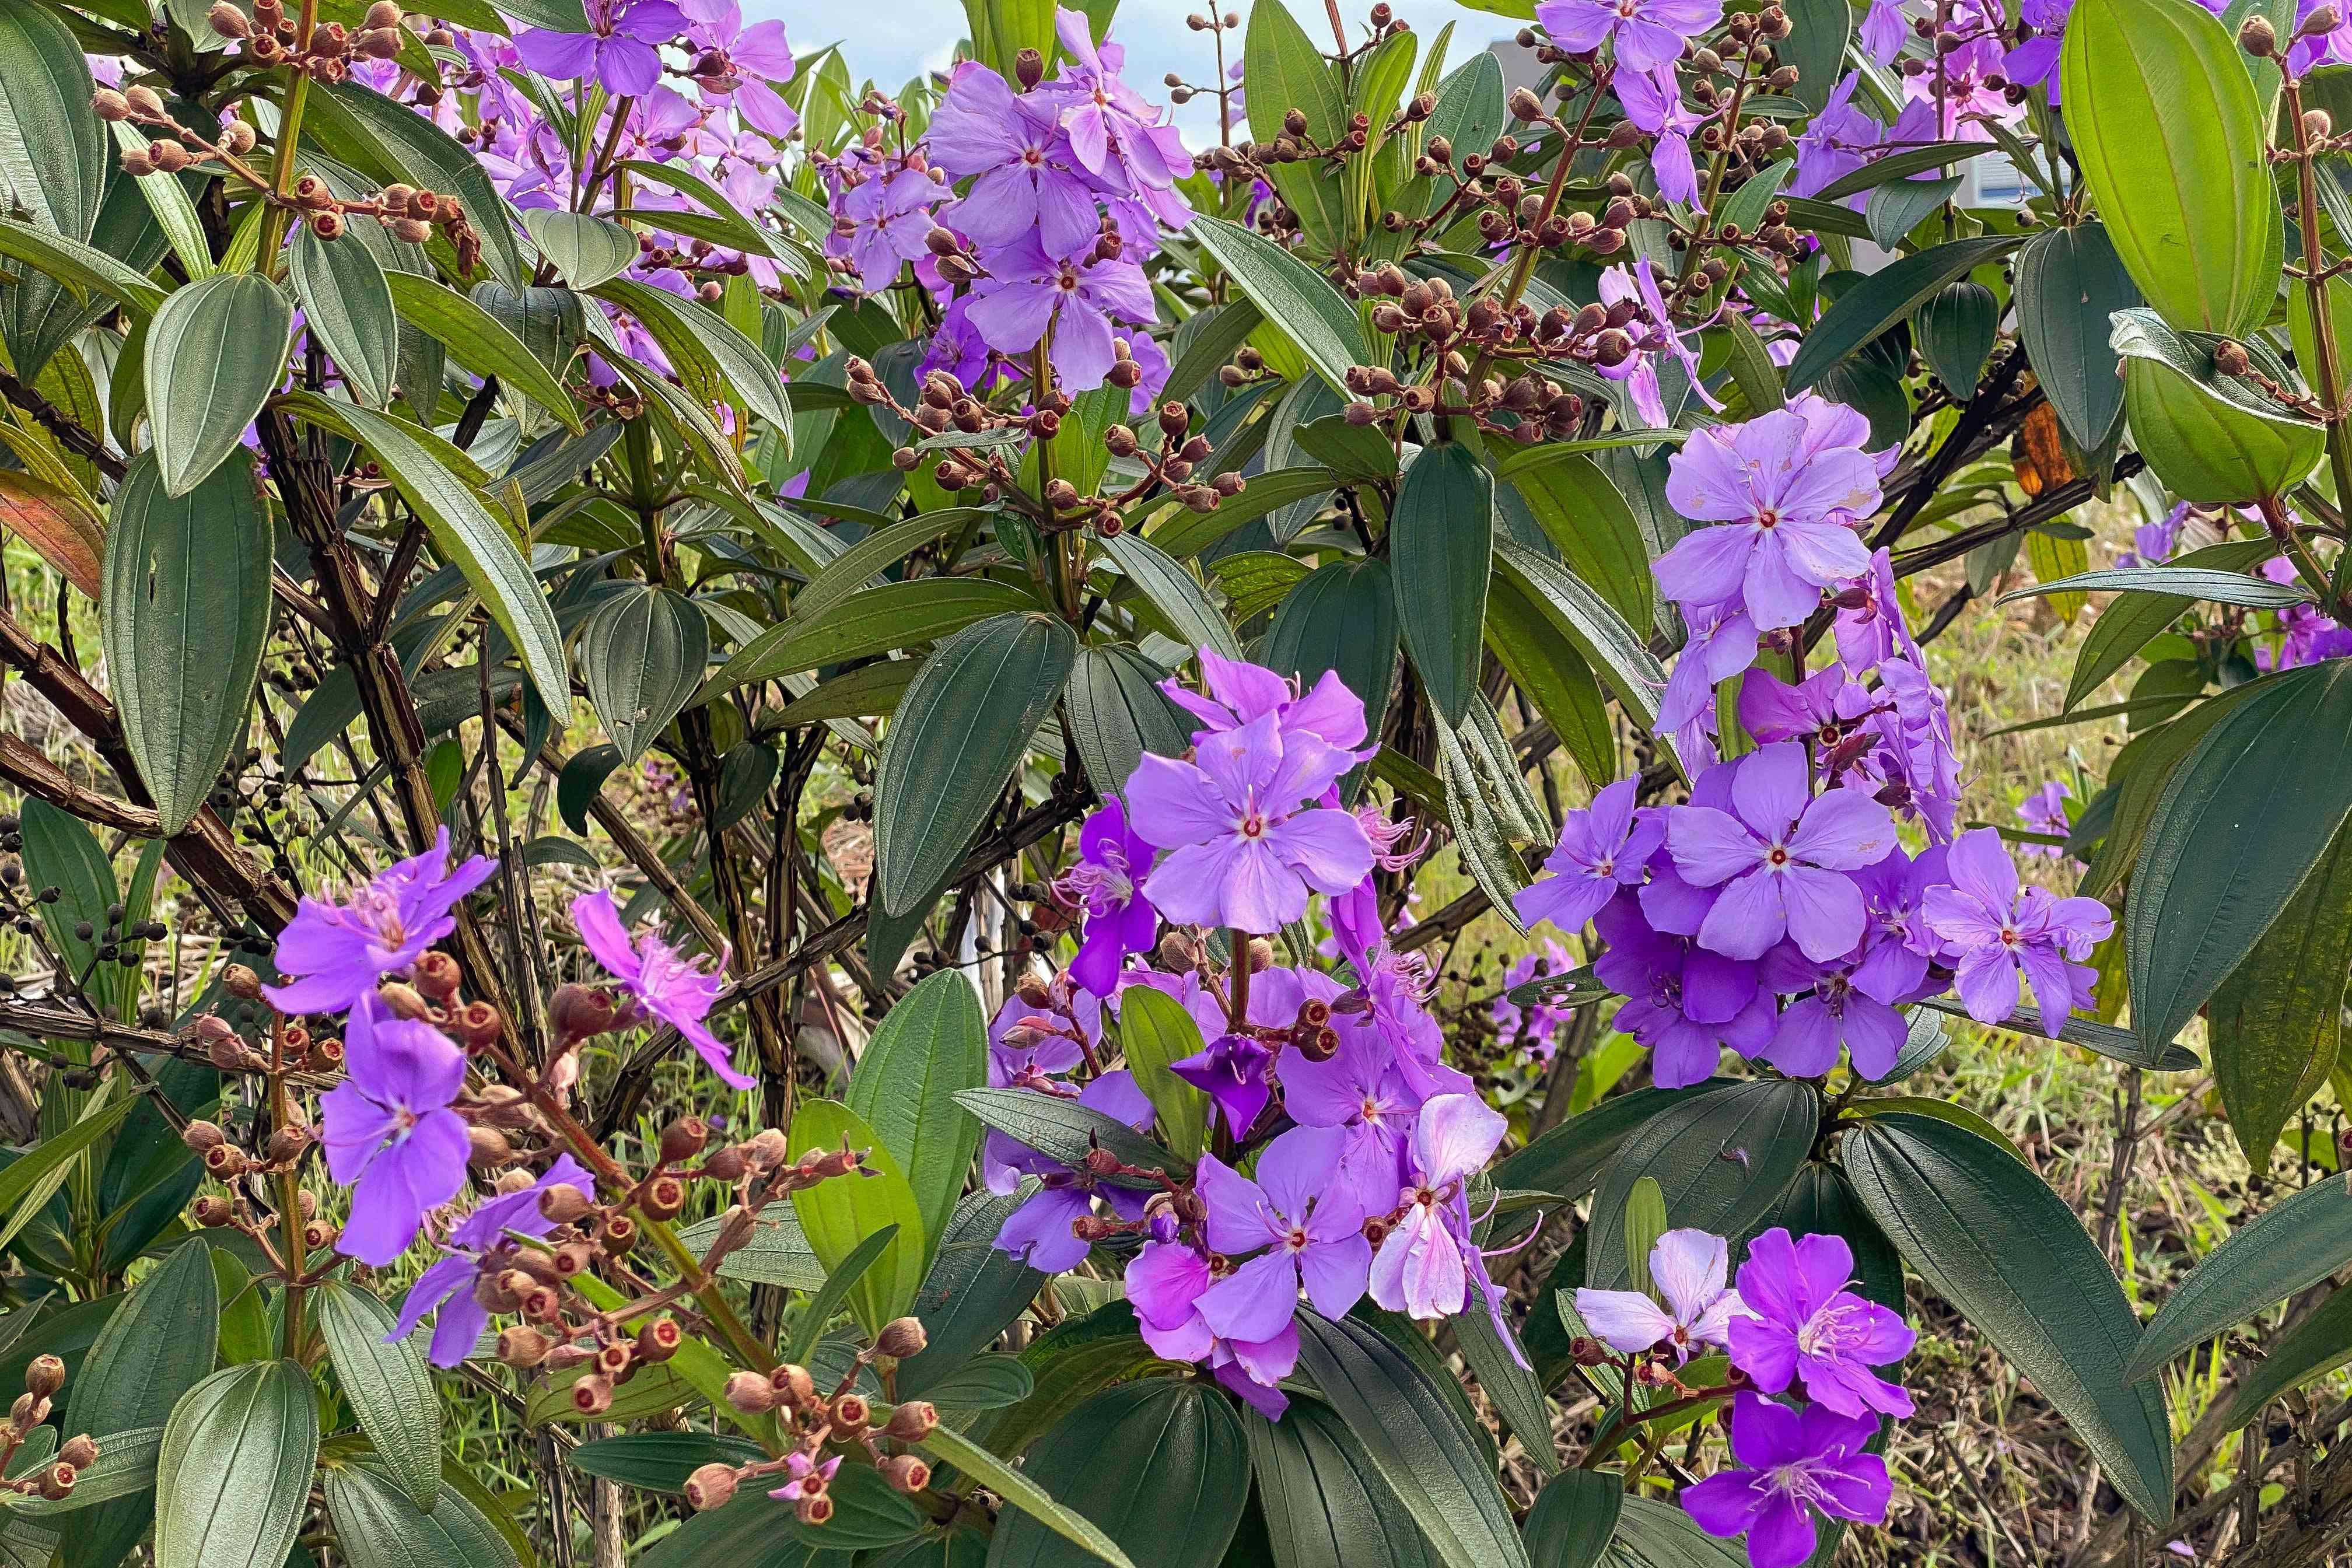 purple princess flowers